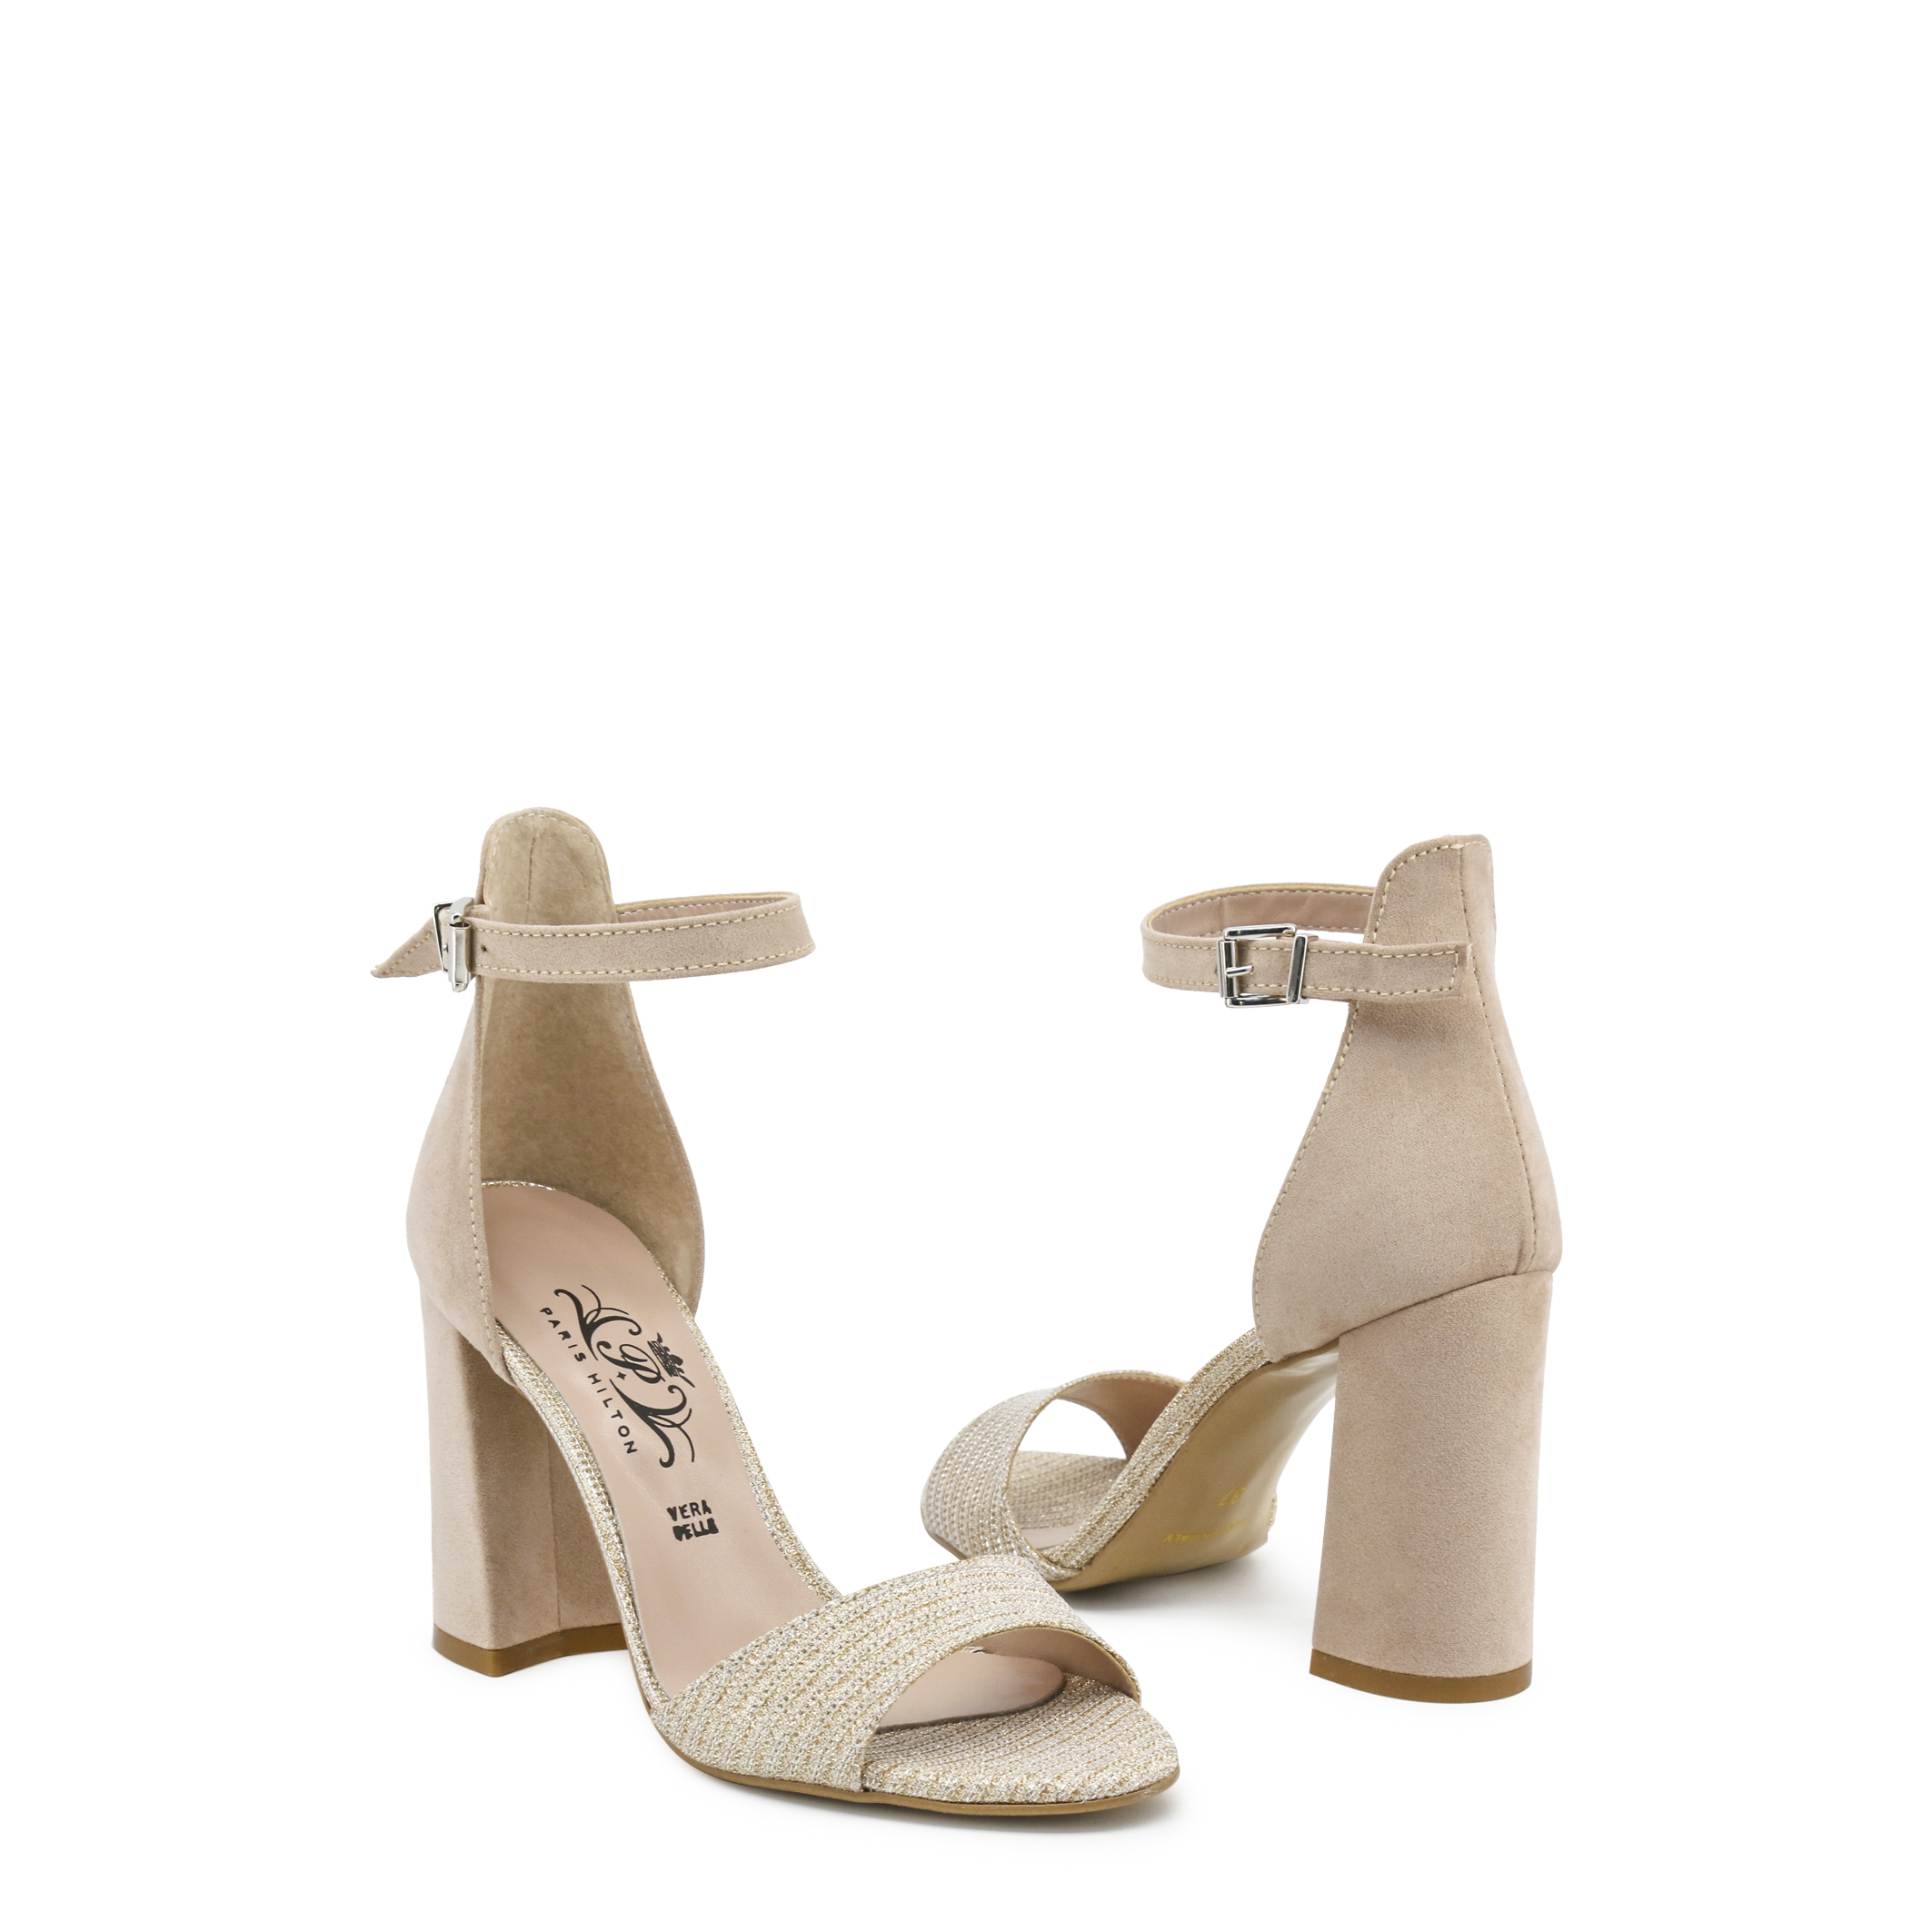 Zapatos-Paris-Hilton-Mujer-92-Sandalias-Rosa-Negro-cuna-tacon